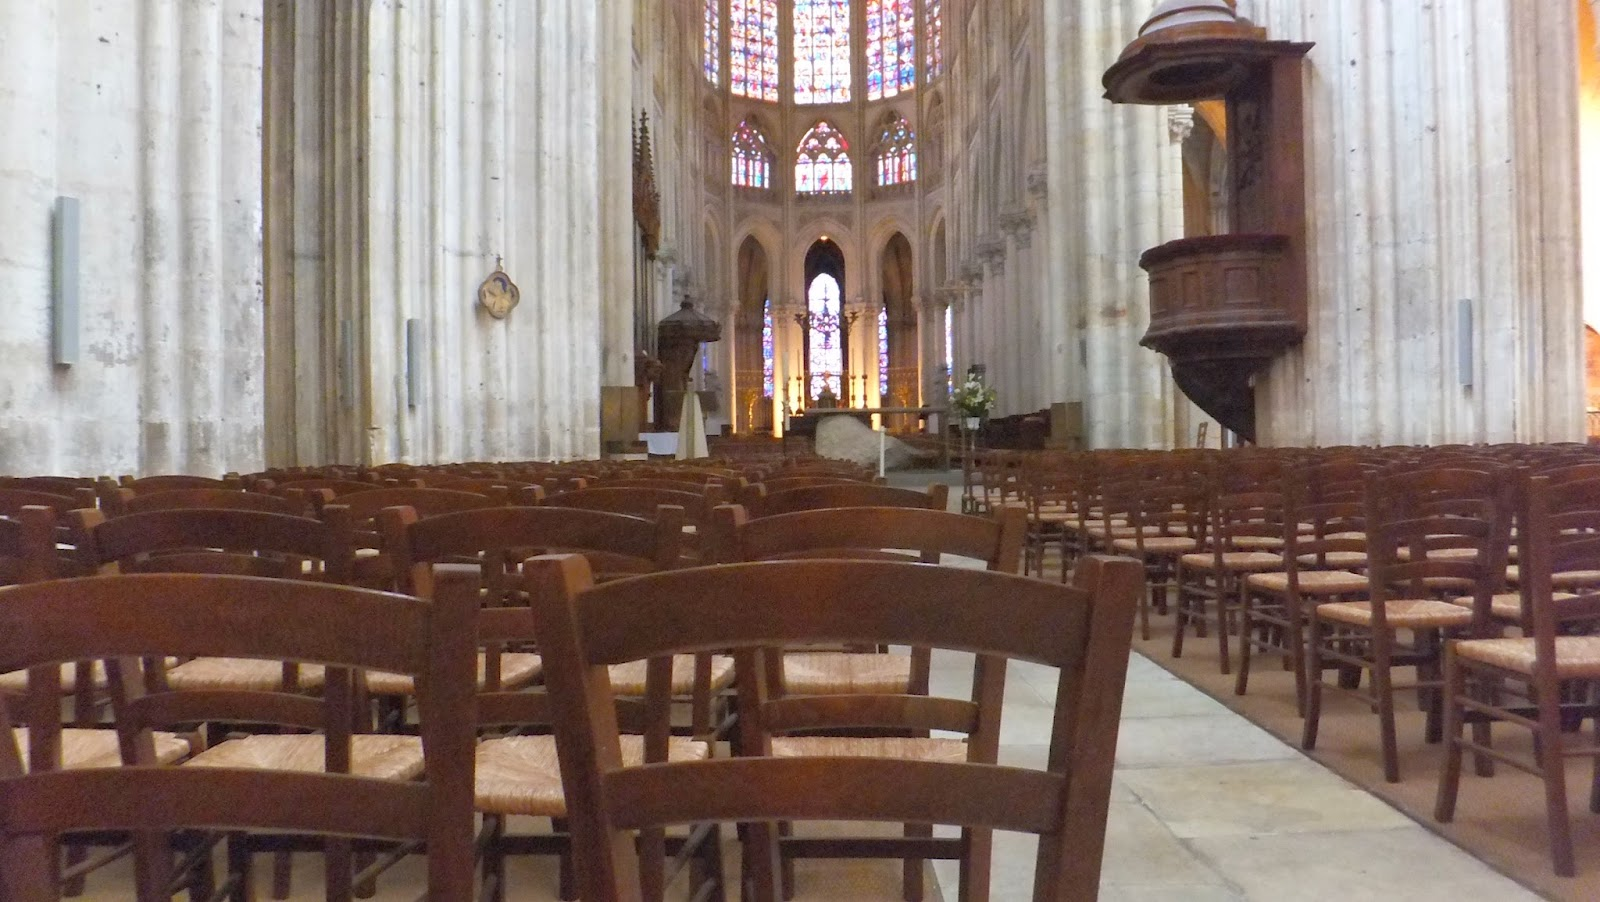 Saint Gatien de Tours, Tours, Francia, Elisa N, Blog de Viajes, Lifestyle, Travel